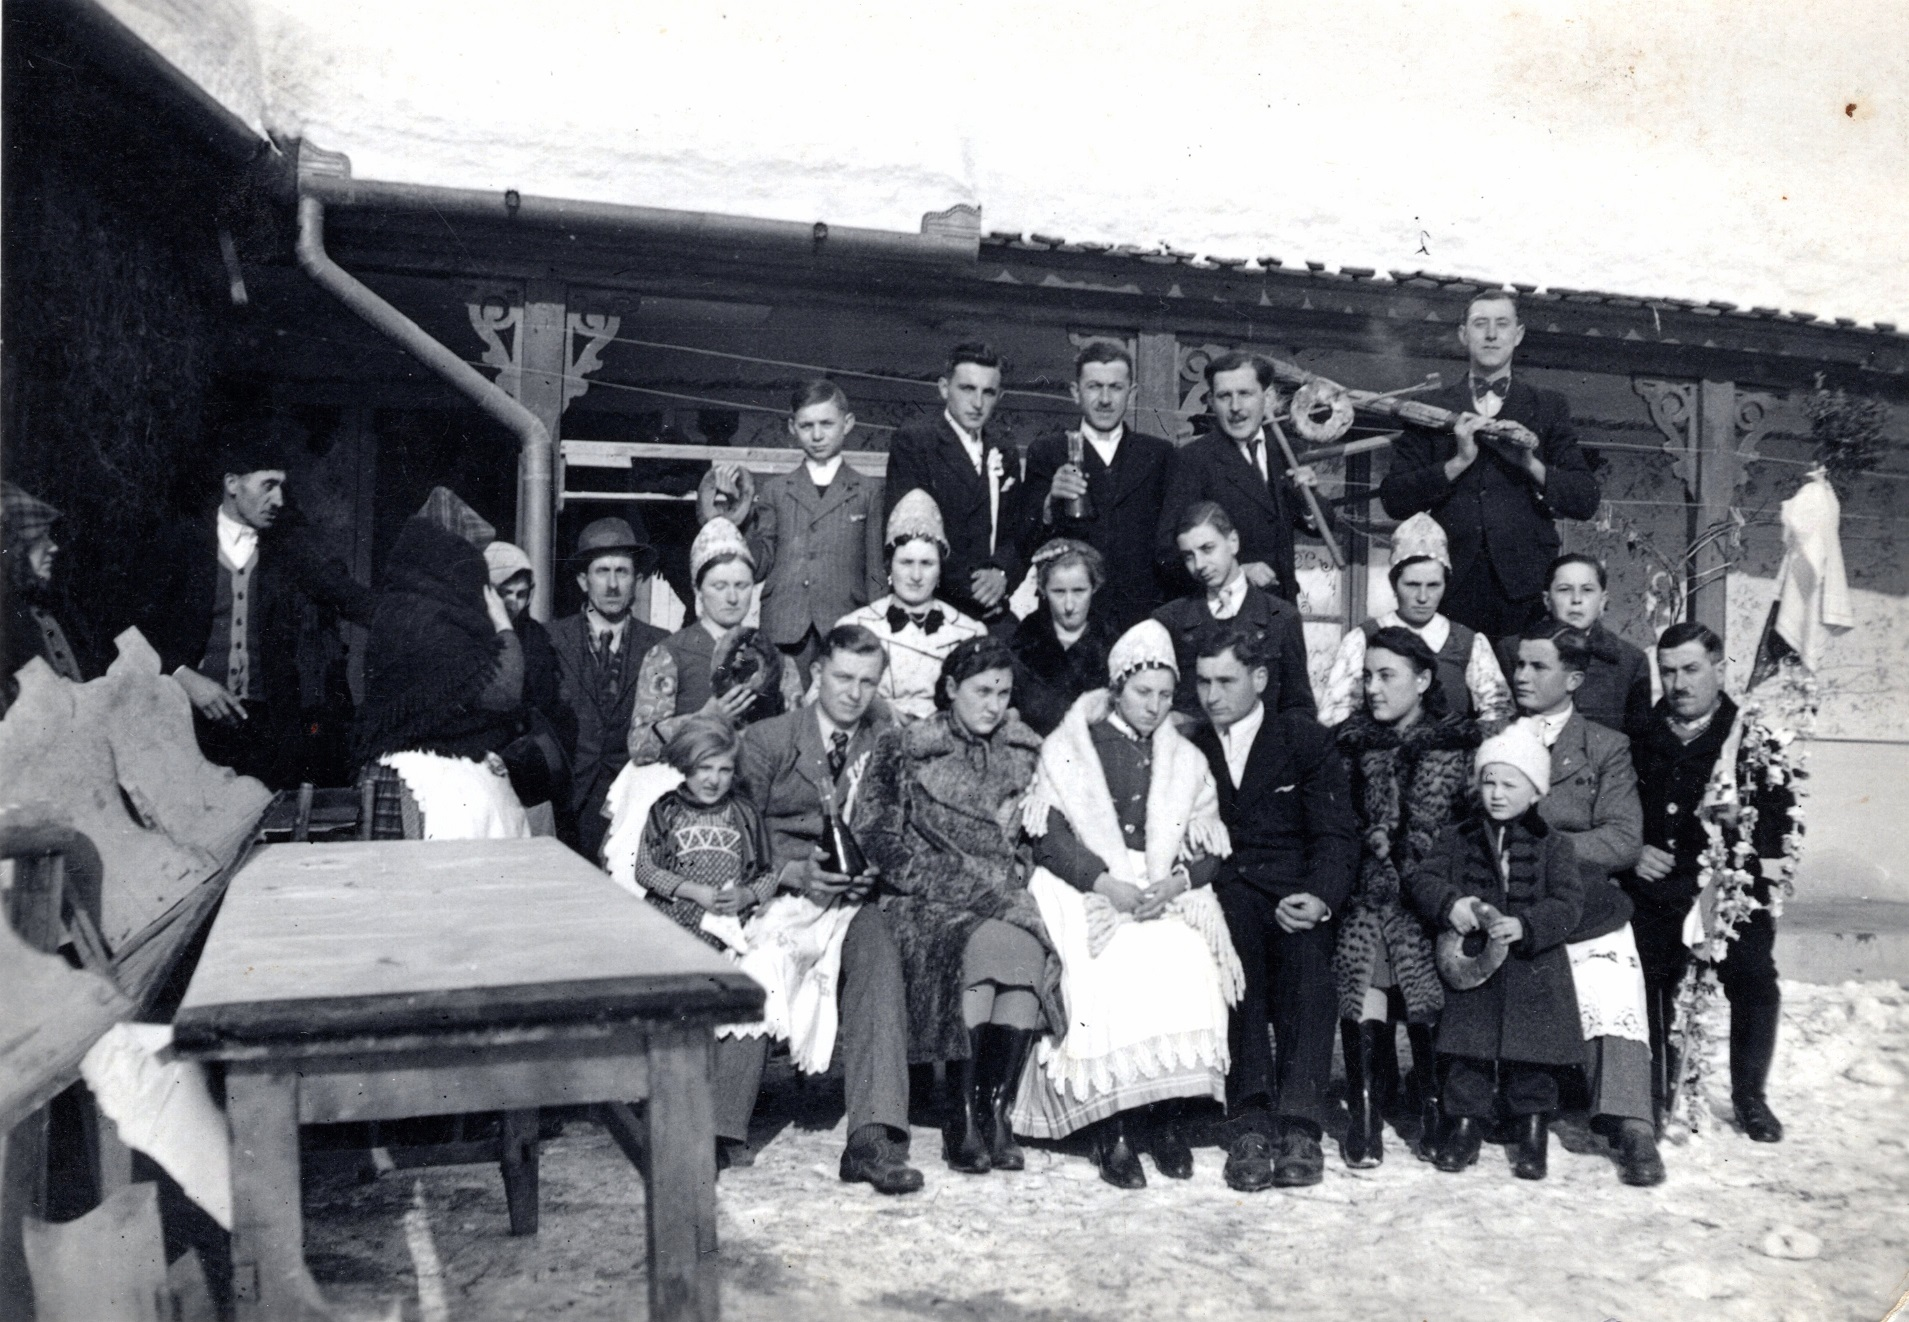 Falusi esküvő a harmincas években (fotó: Fortepan/Vámos Eszter)